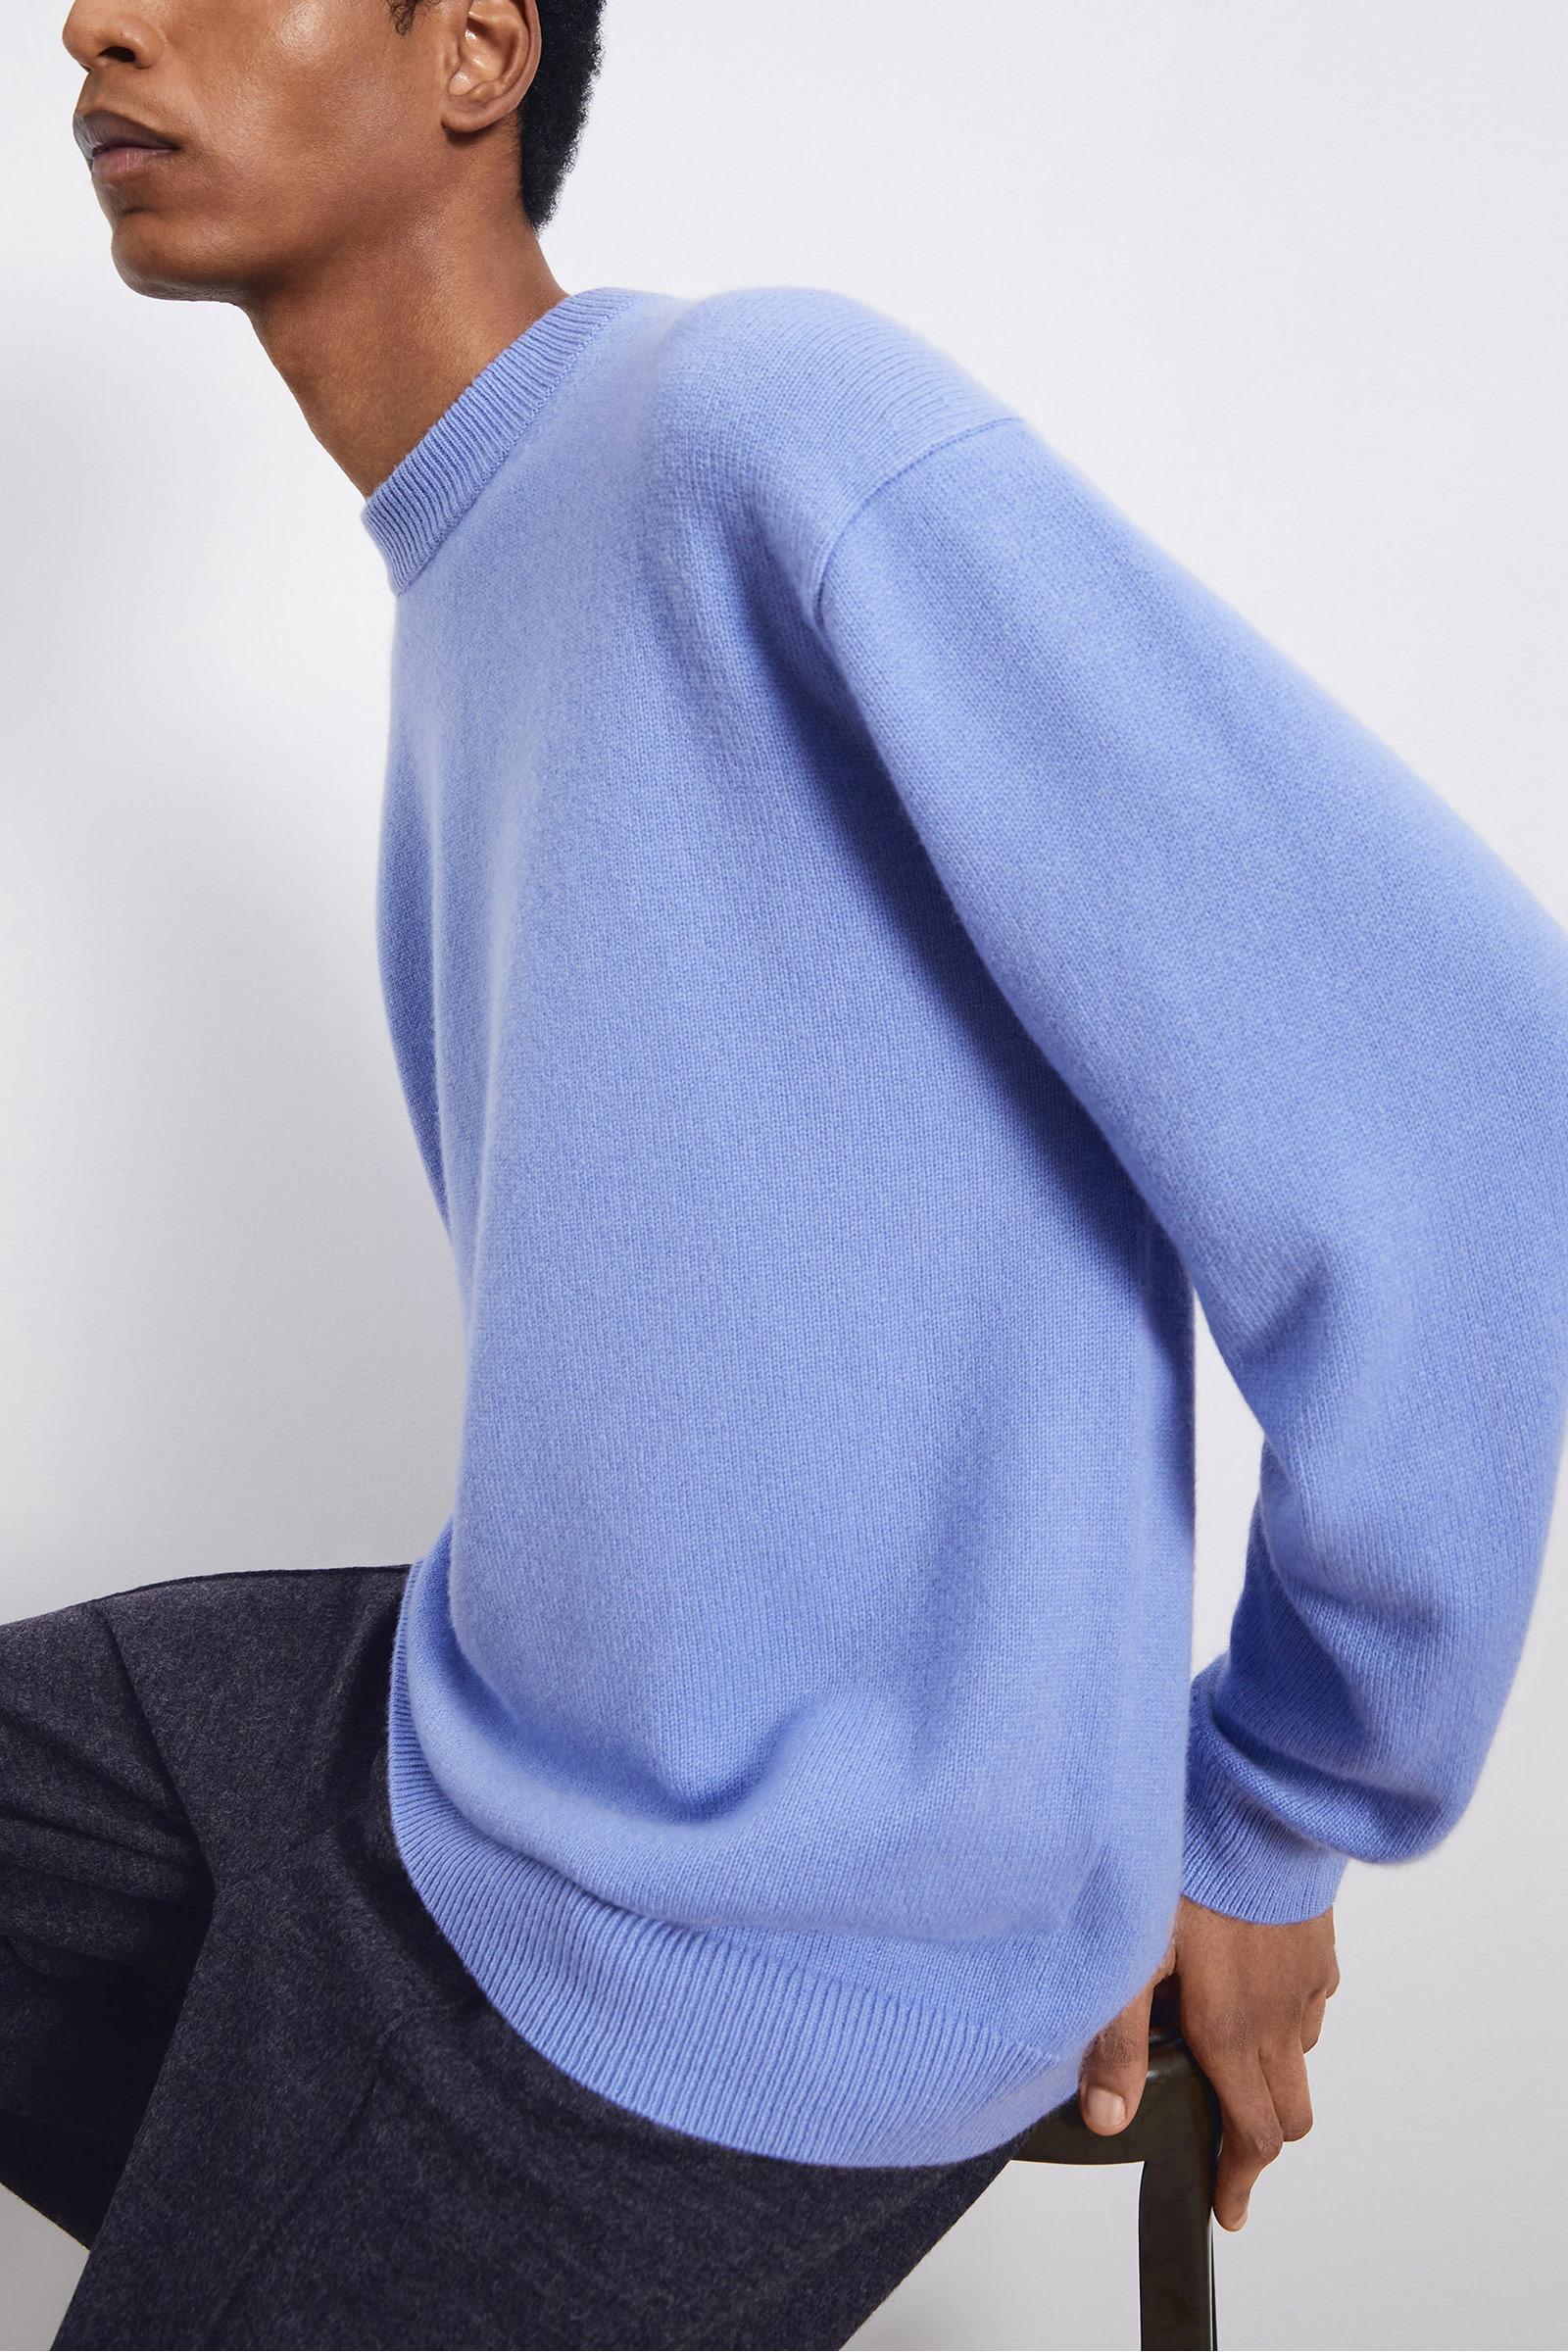 COS 니티드 코튼 메리노 스웨터의 블루컬러 Environmental입니다.